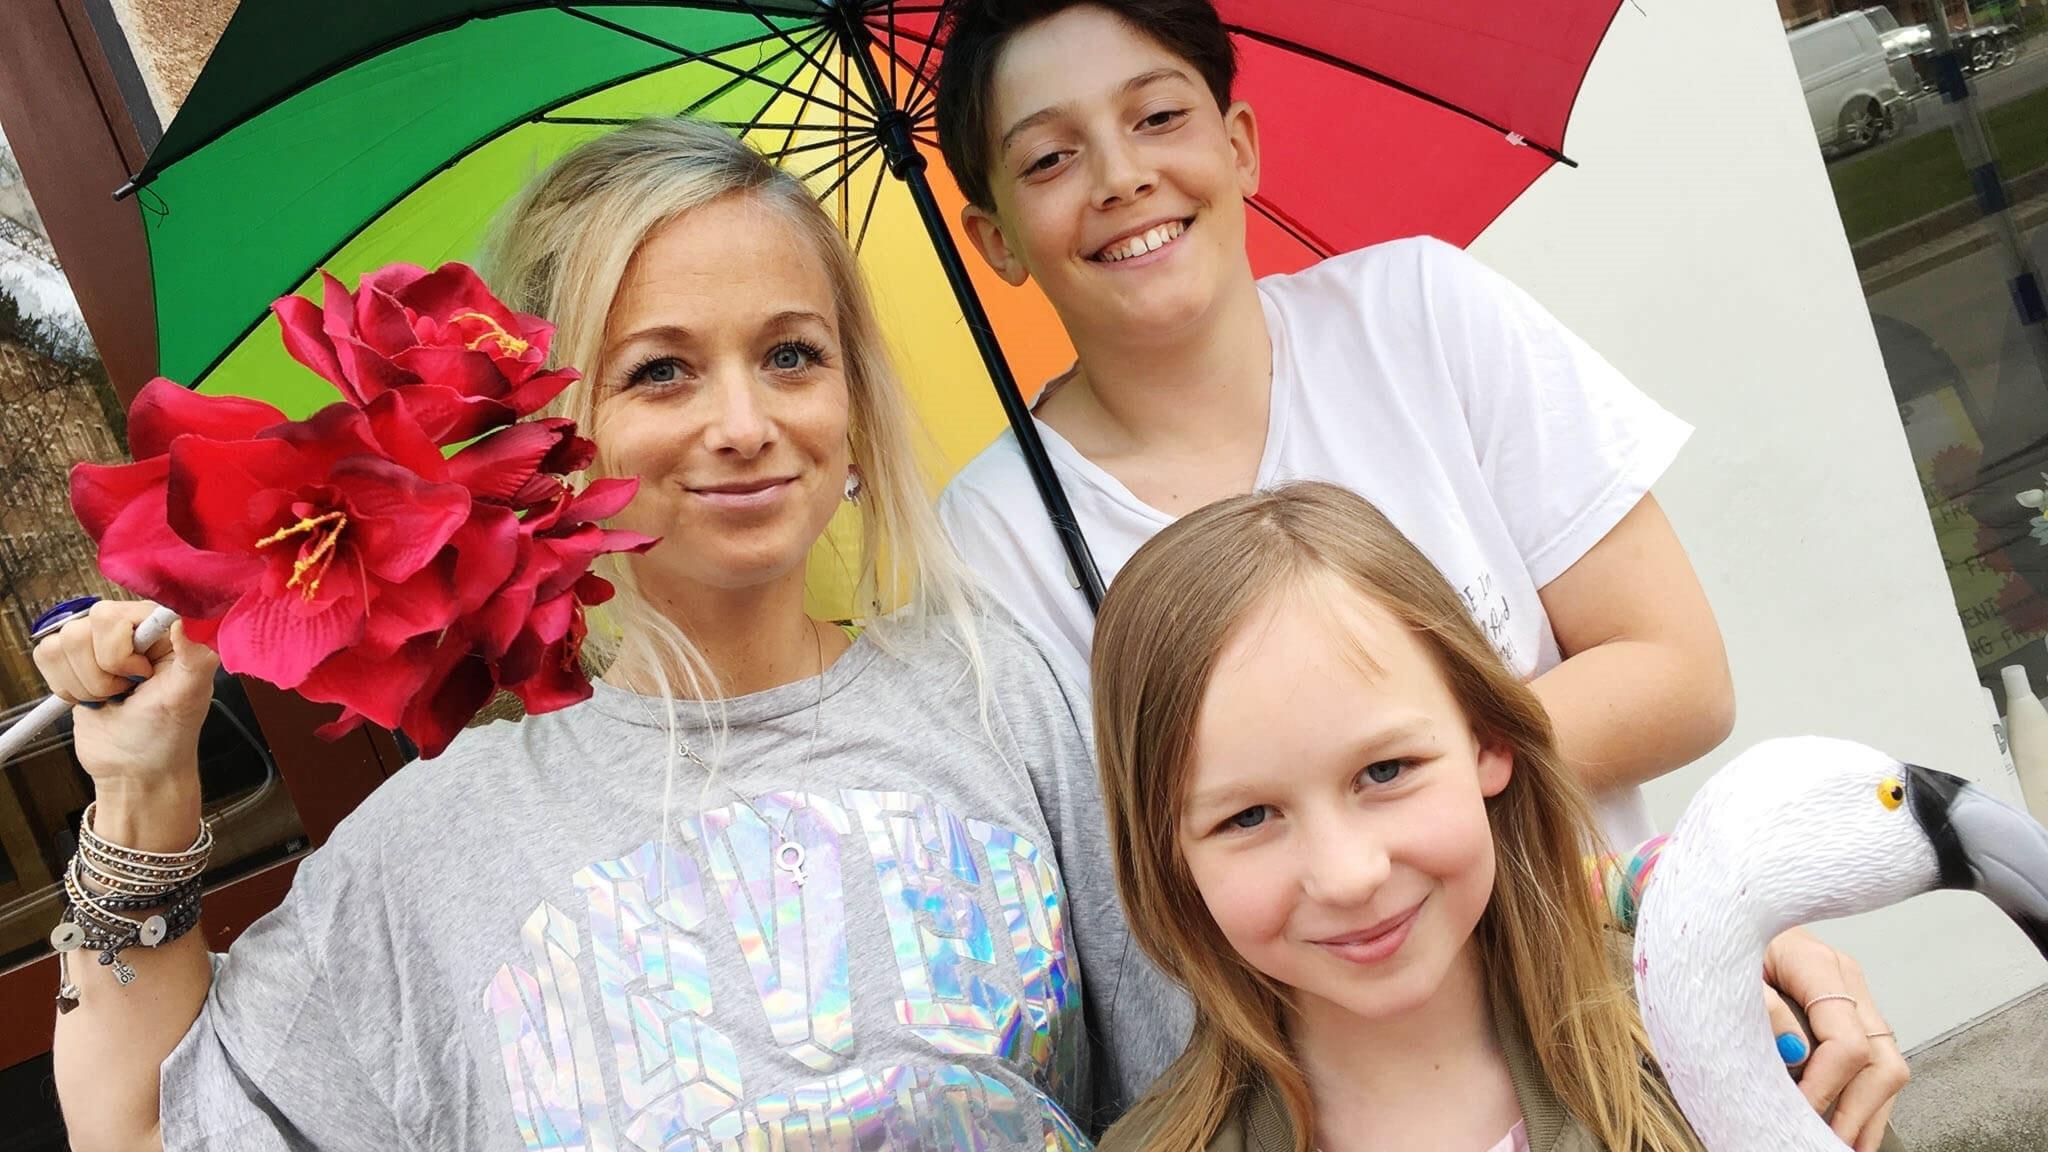 Amelie, Samson och Ella står under ett regnbågsfärgat paraply. Amelie har röda blommor i handen.